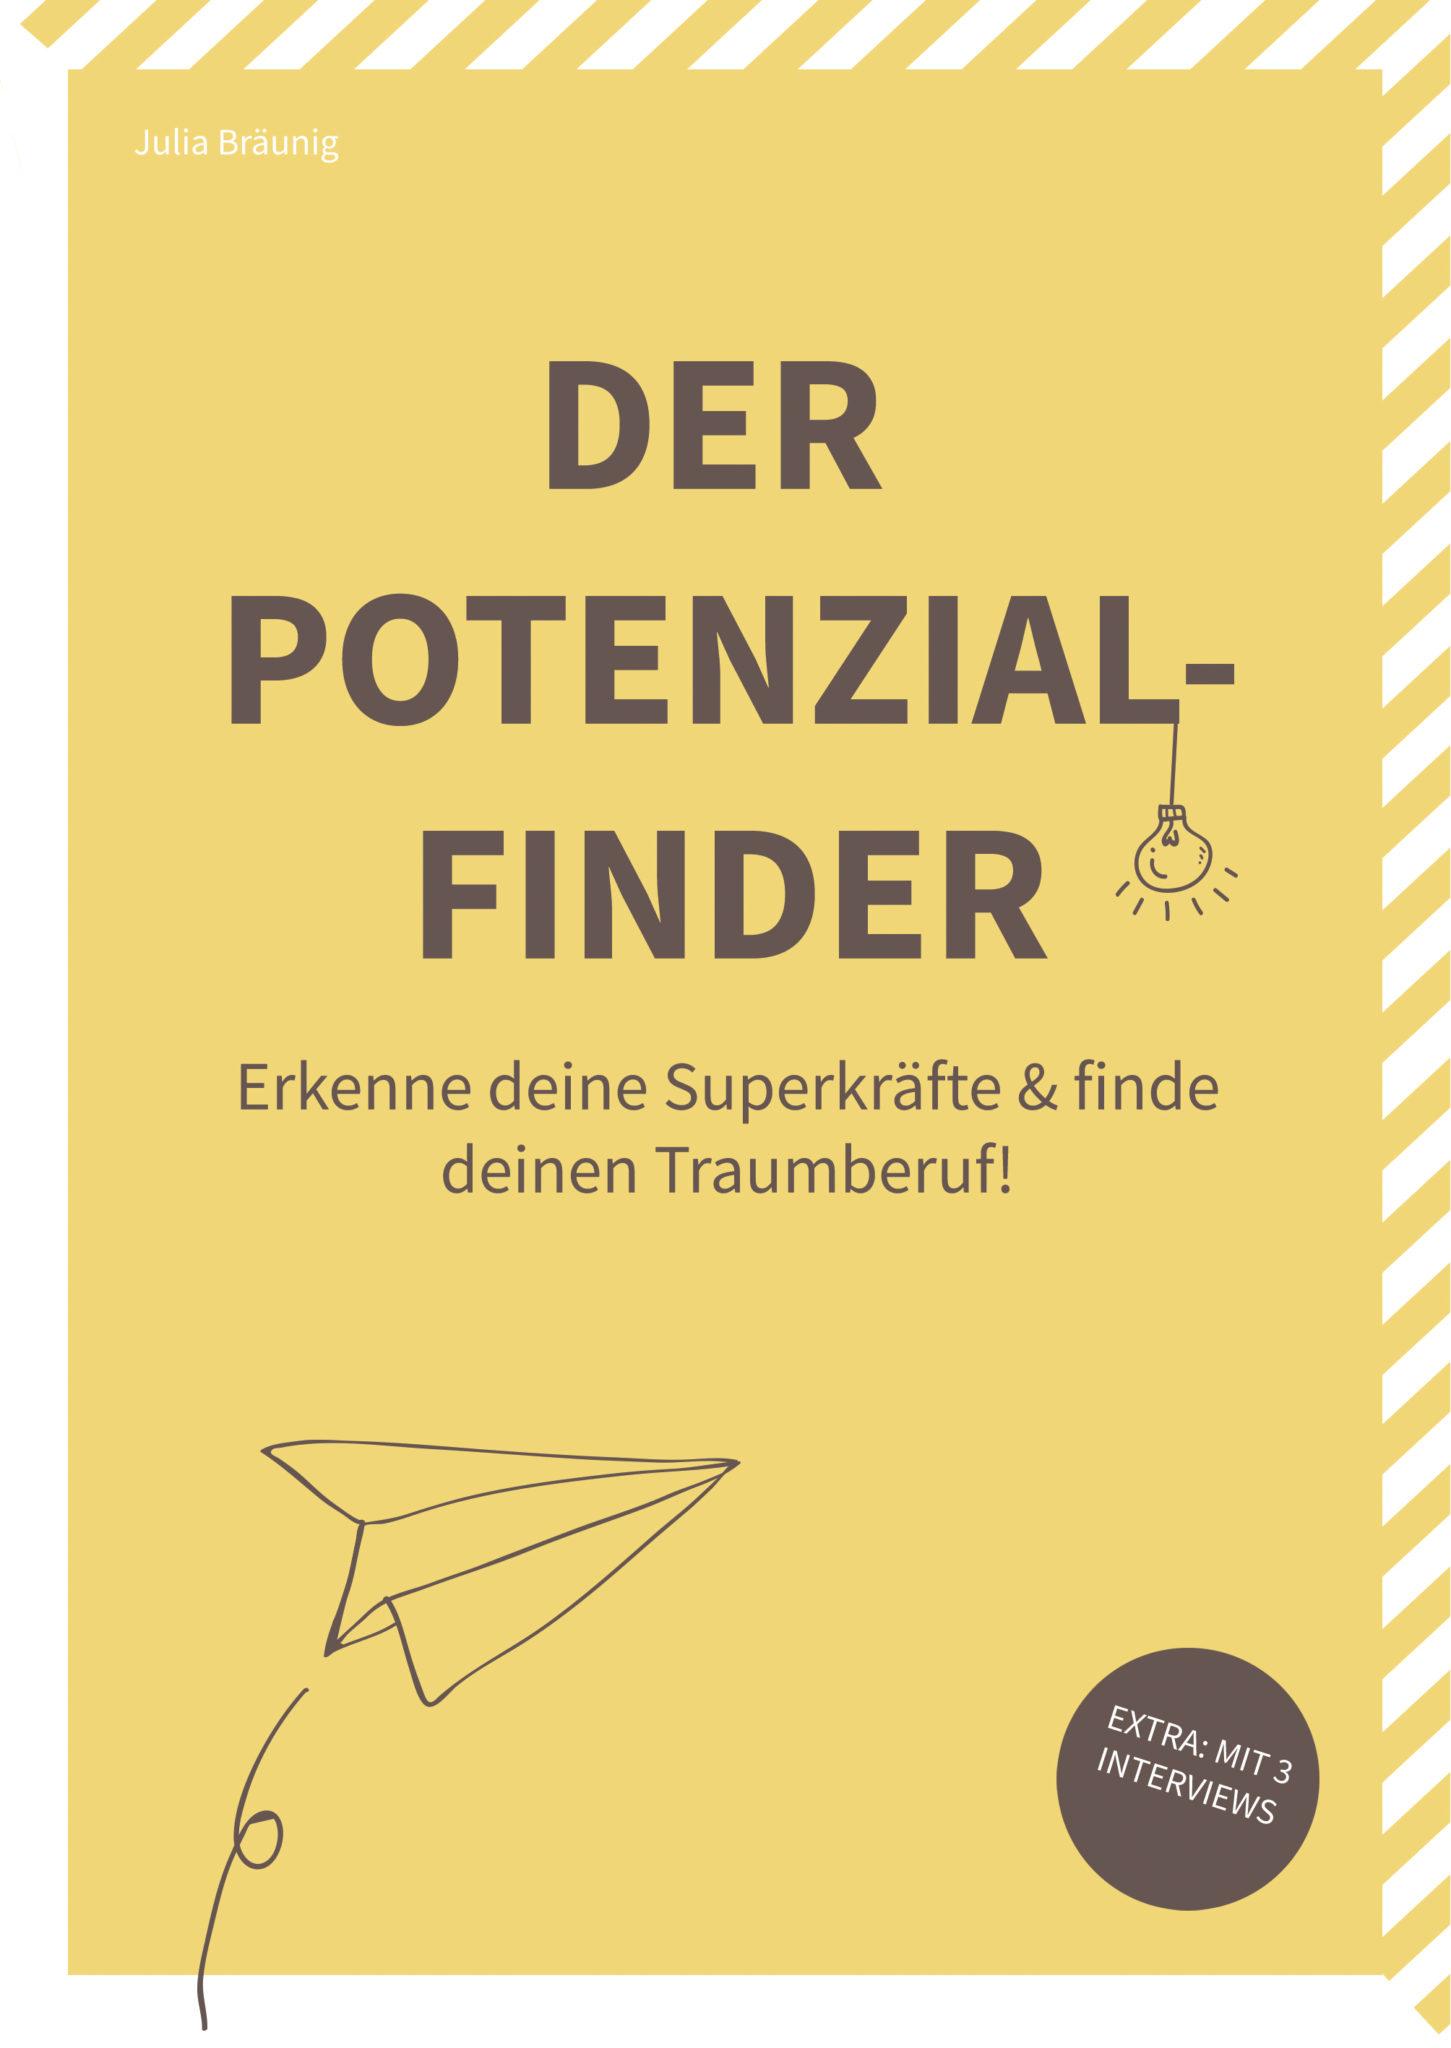 Der Potenzialfinder · Erkenne deine Superkräfte & finde deinen Traumberuf!